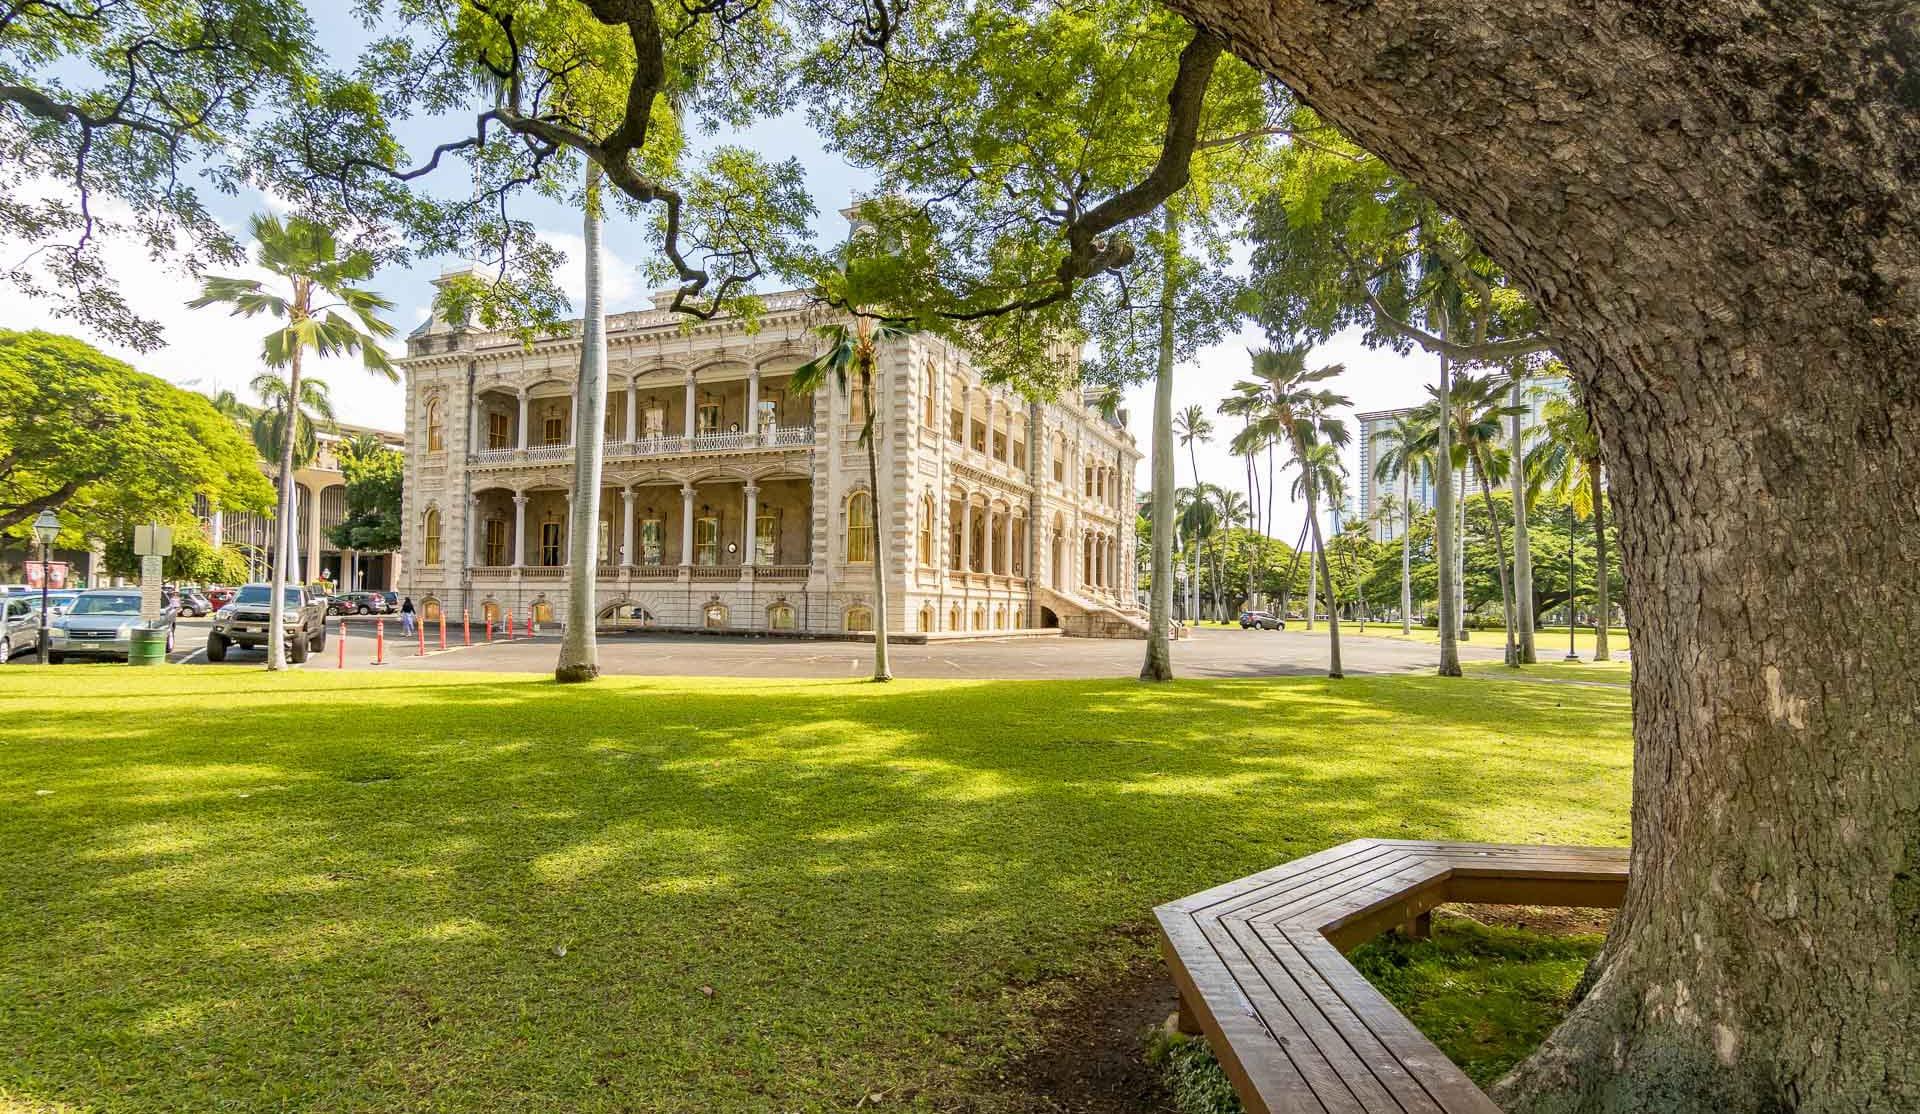 Iolani Palace Yard and Tree Bench